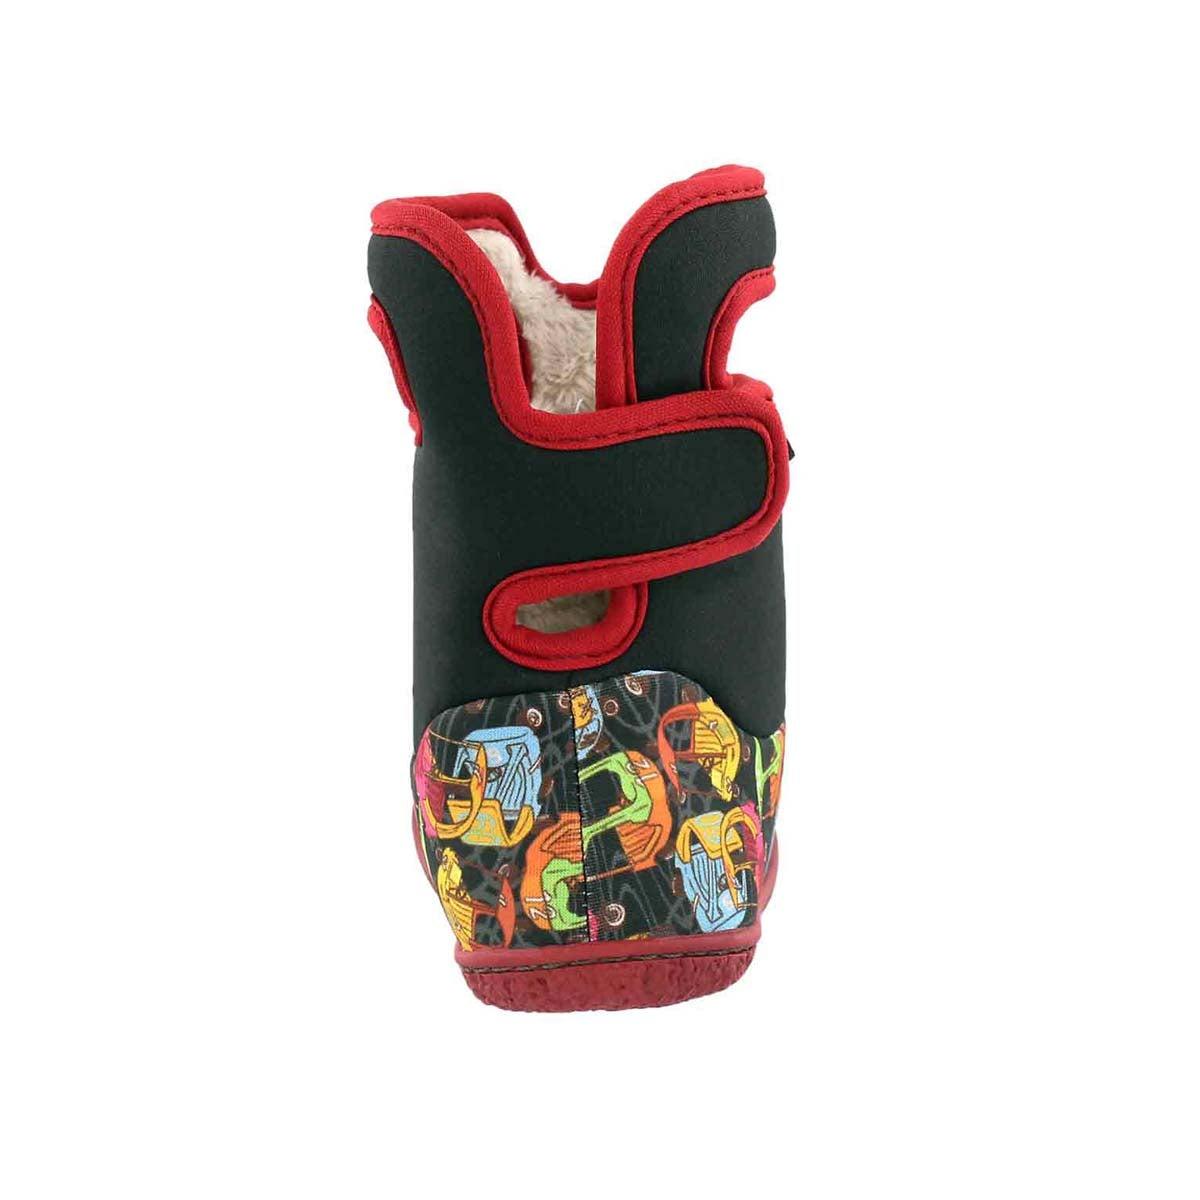 Inf-b Kiddy Cars black multi wtpf boot